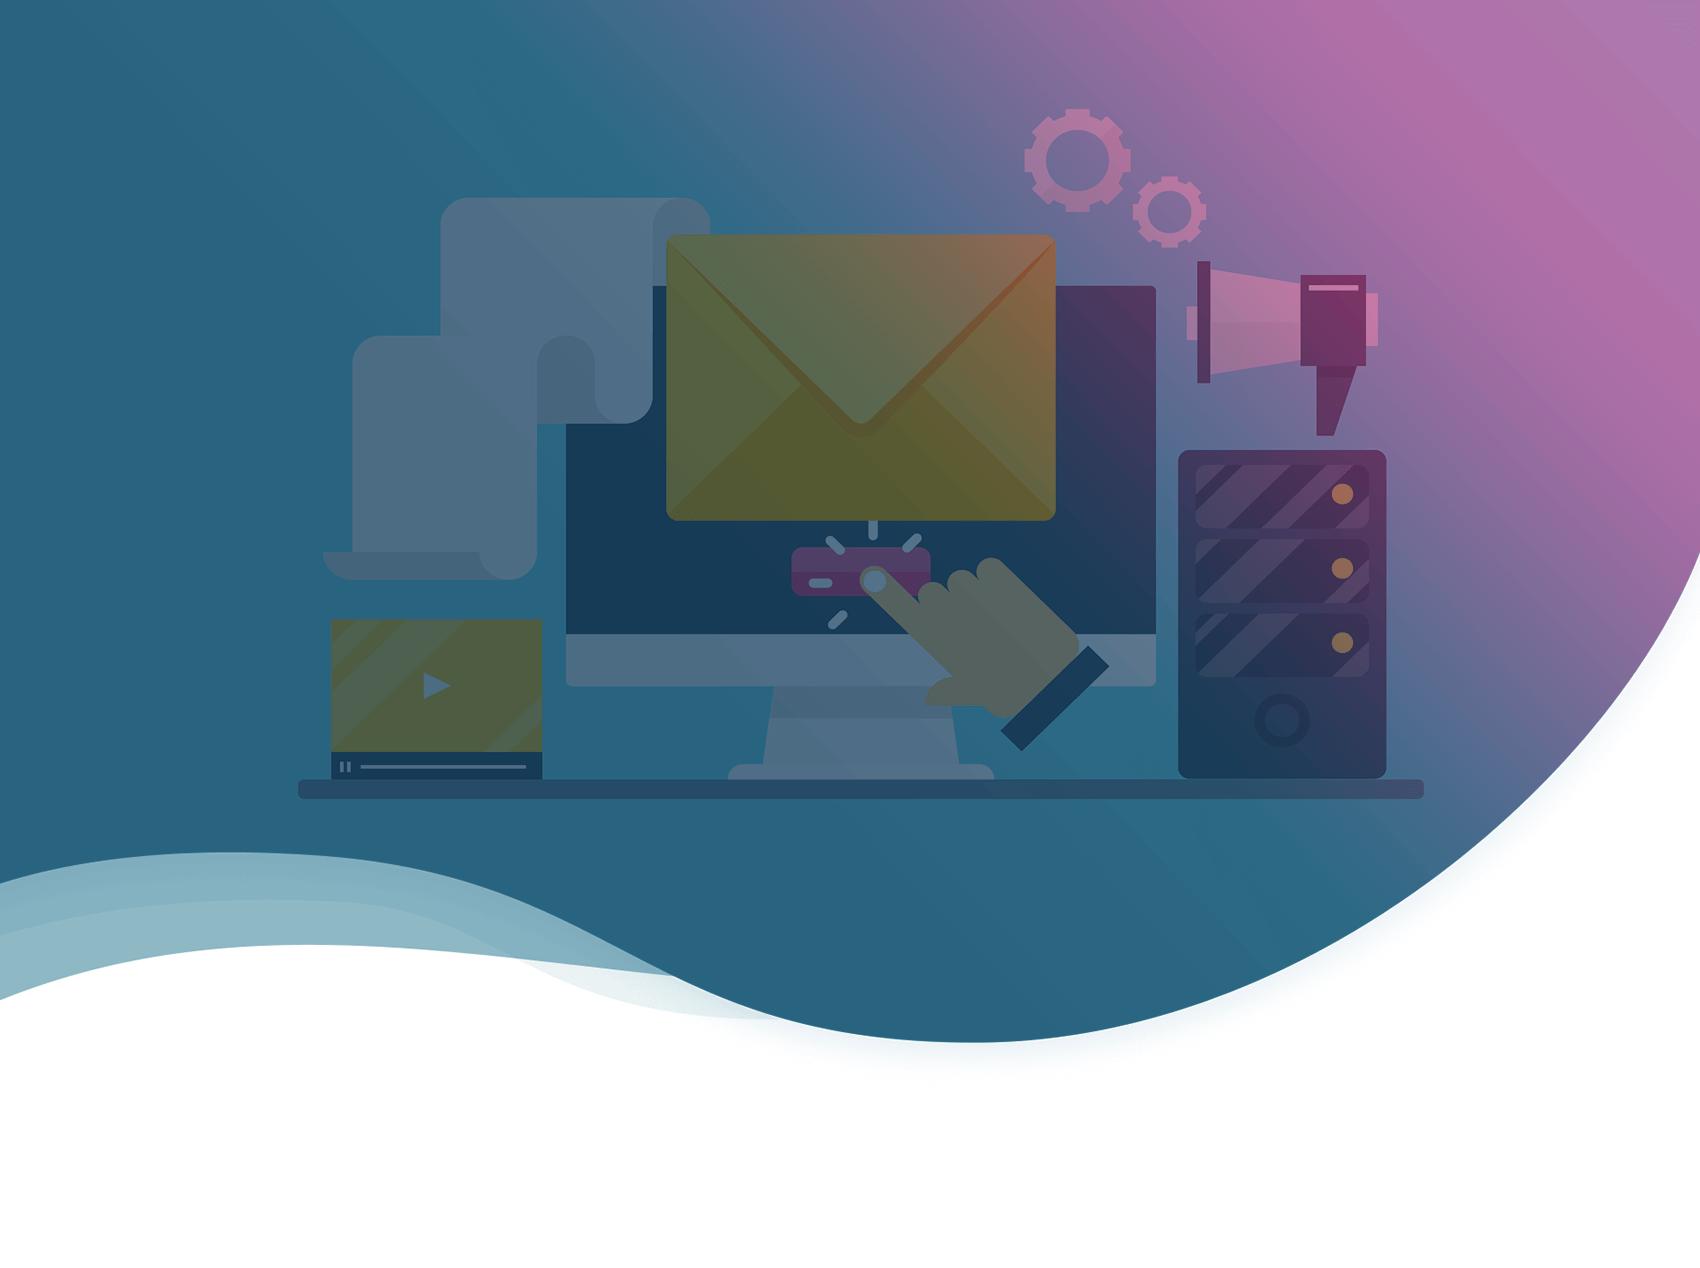 Taux de clic emailing B2B: définition, statistiques et conseils